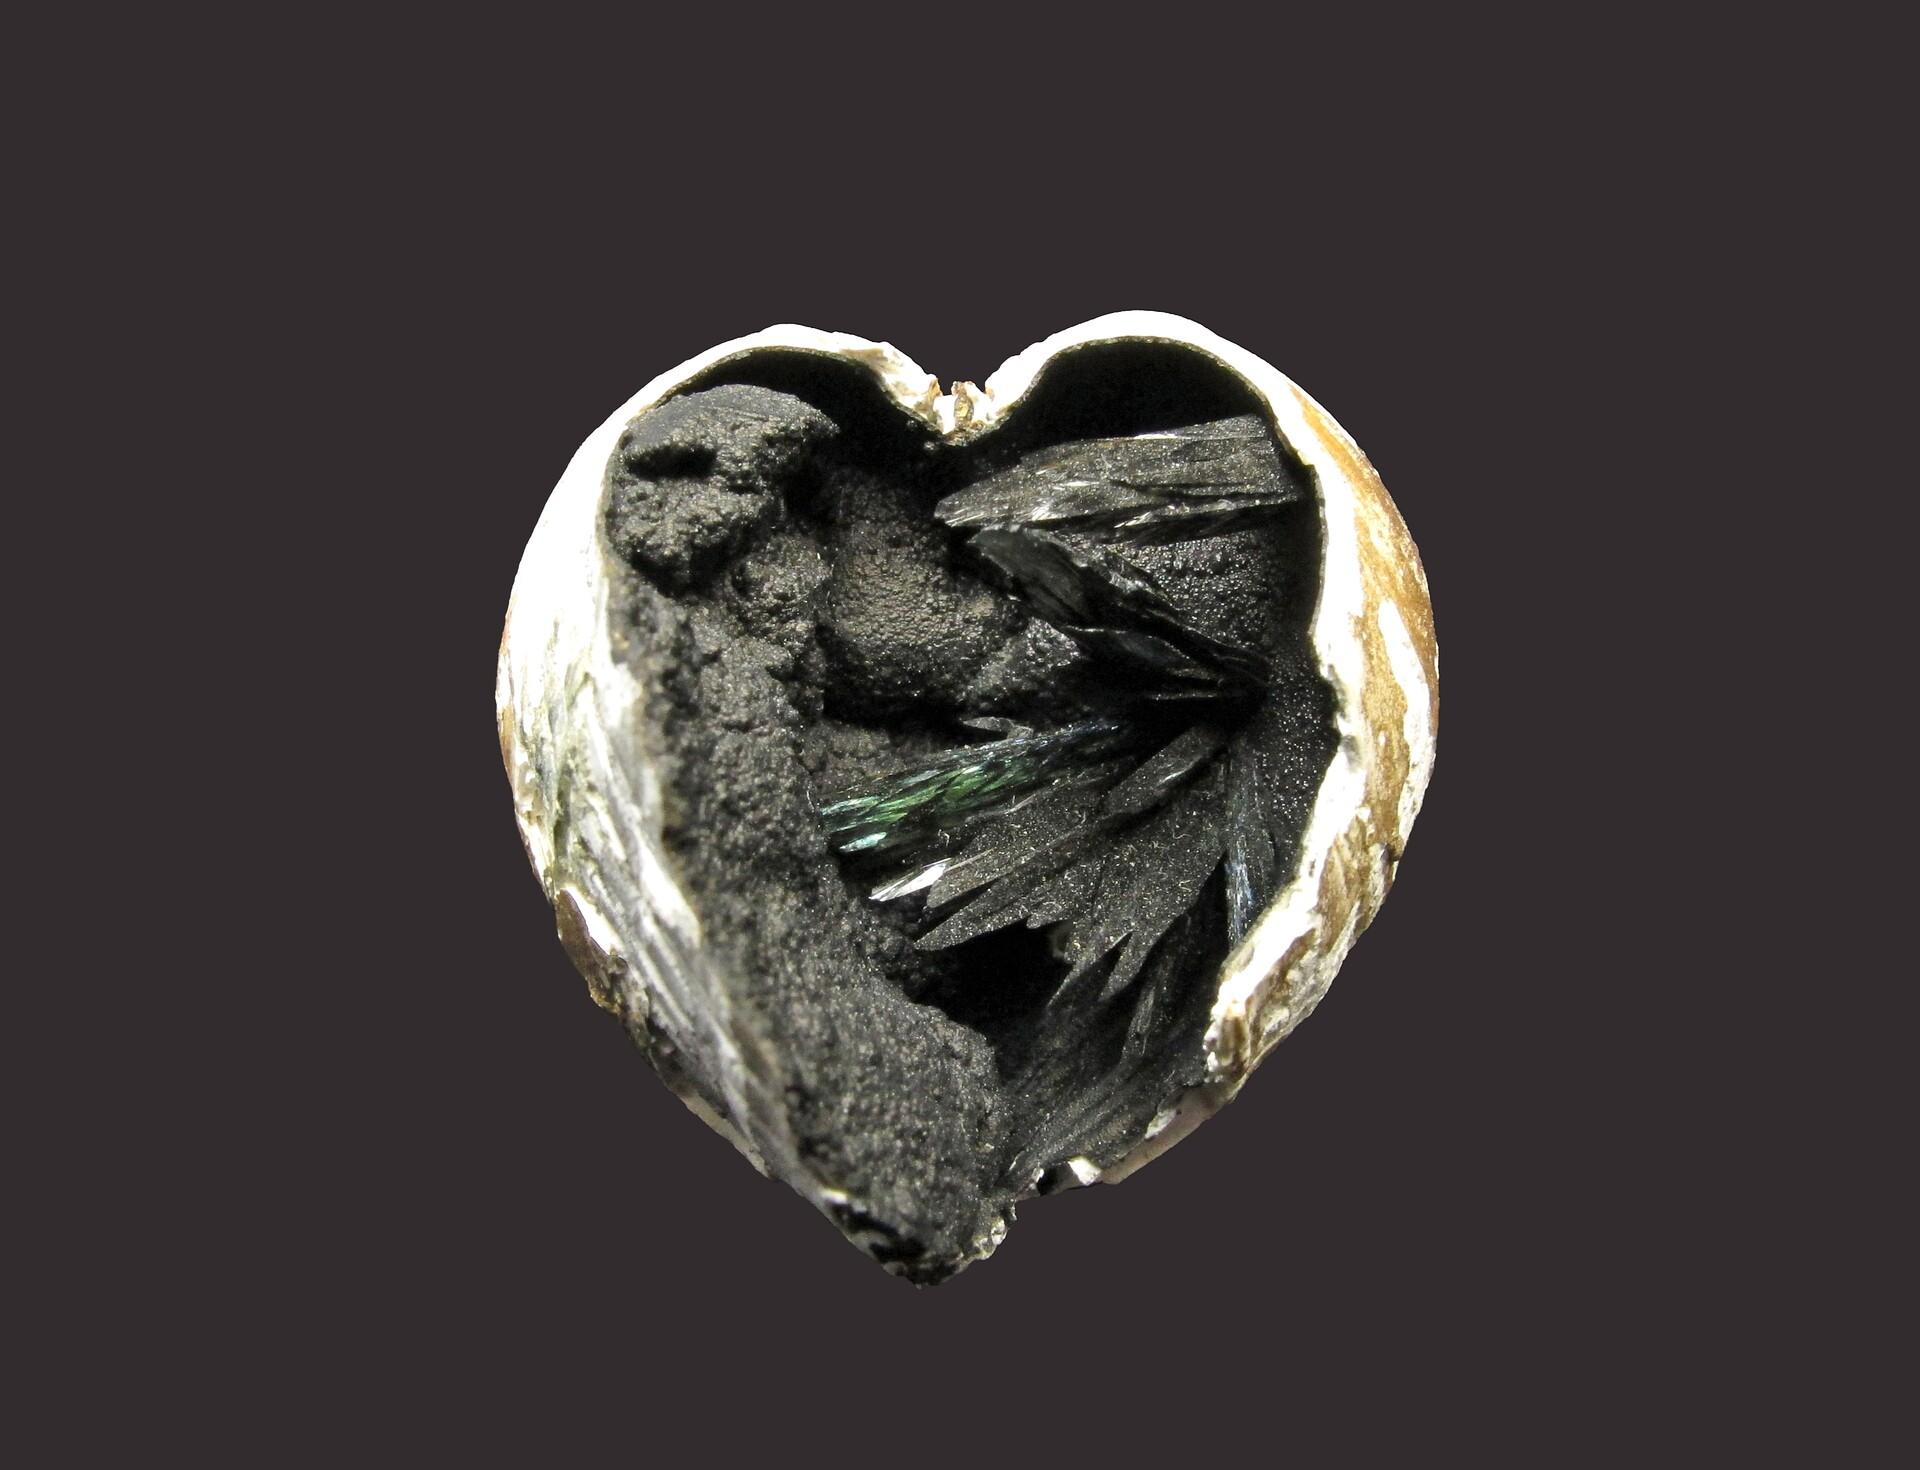 Vivianite in fossil clam shell | Kerch peninsula, Crimea peninsula